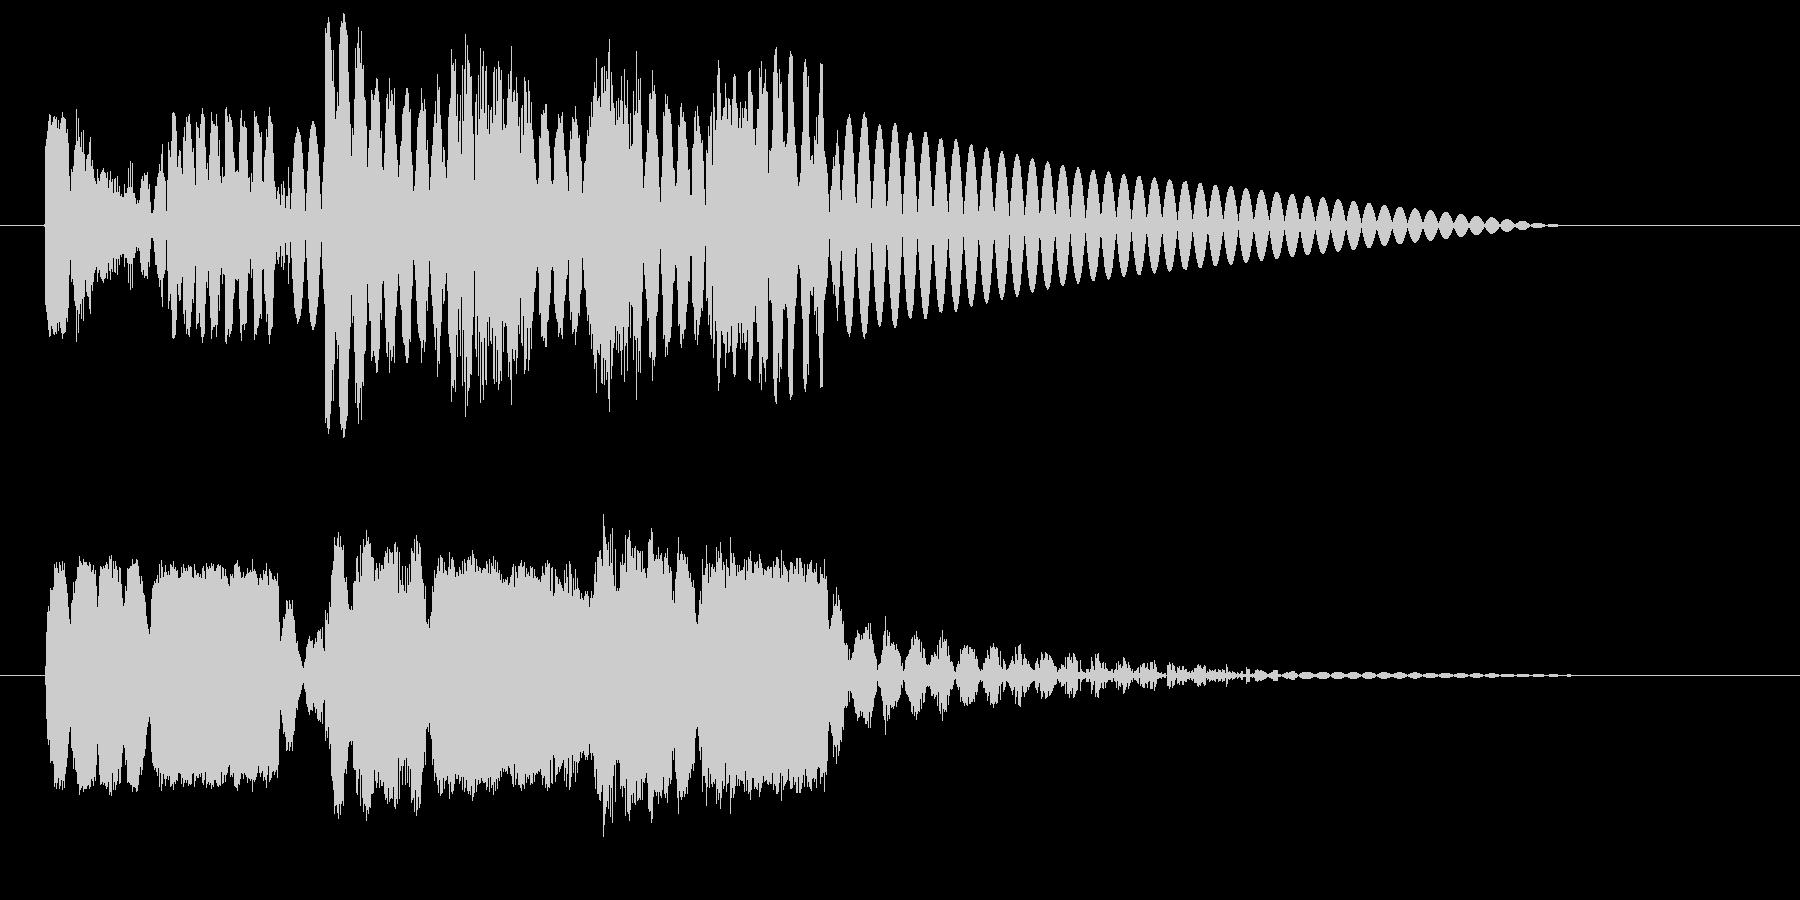 ロボットサウンド 機械音9  の未再生の波形